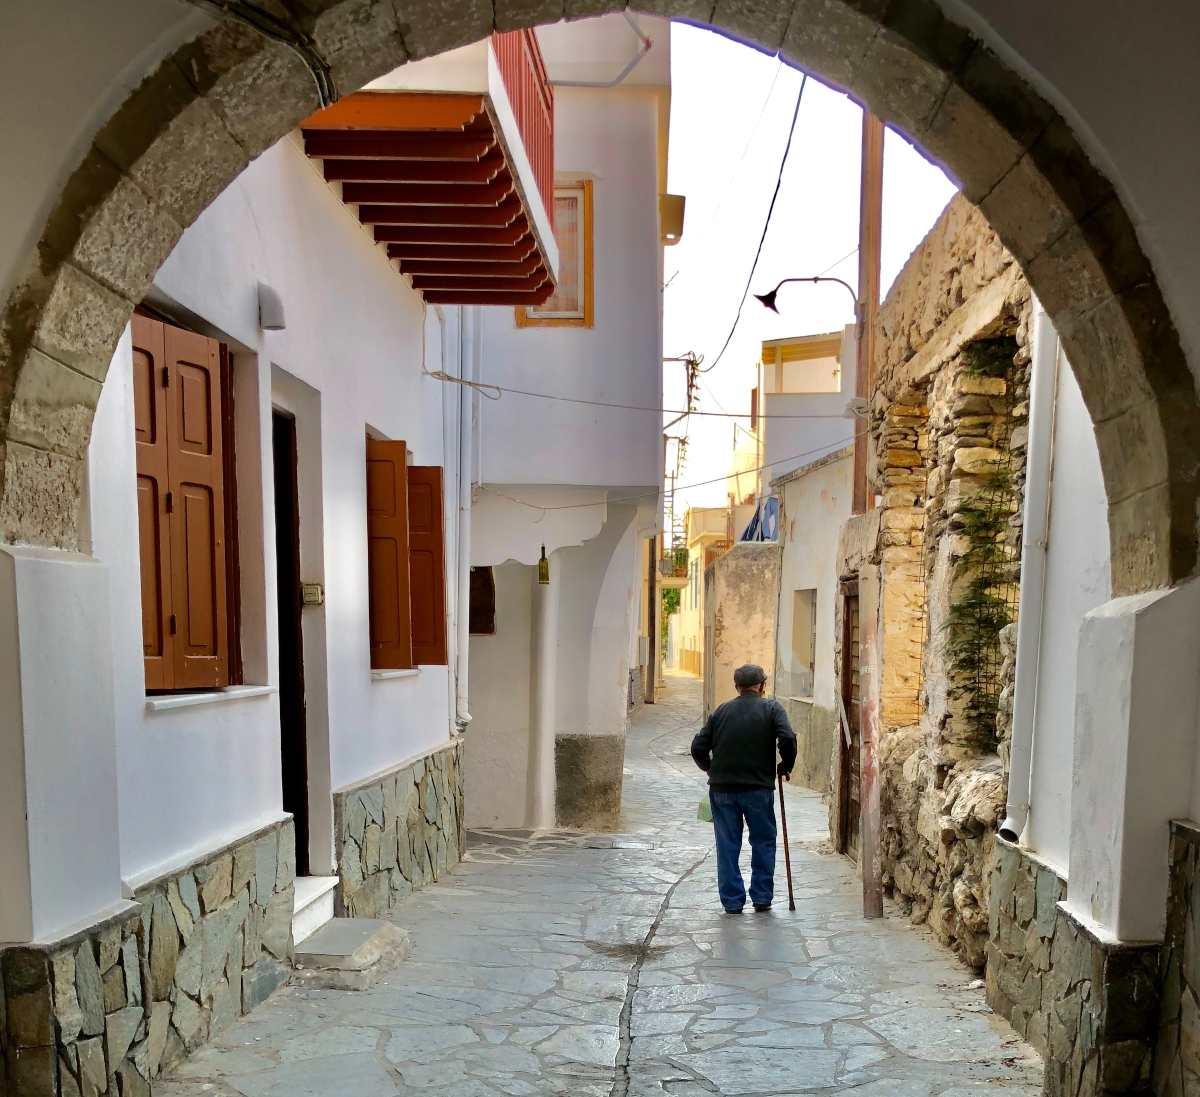 Χαλκί: Το γραφικό χωριό της Νάξου βγαλμένο από μια άλλη εποχή